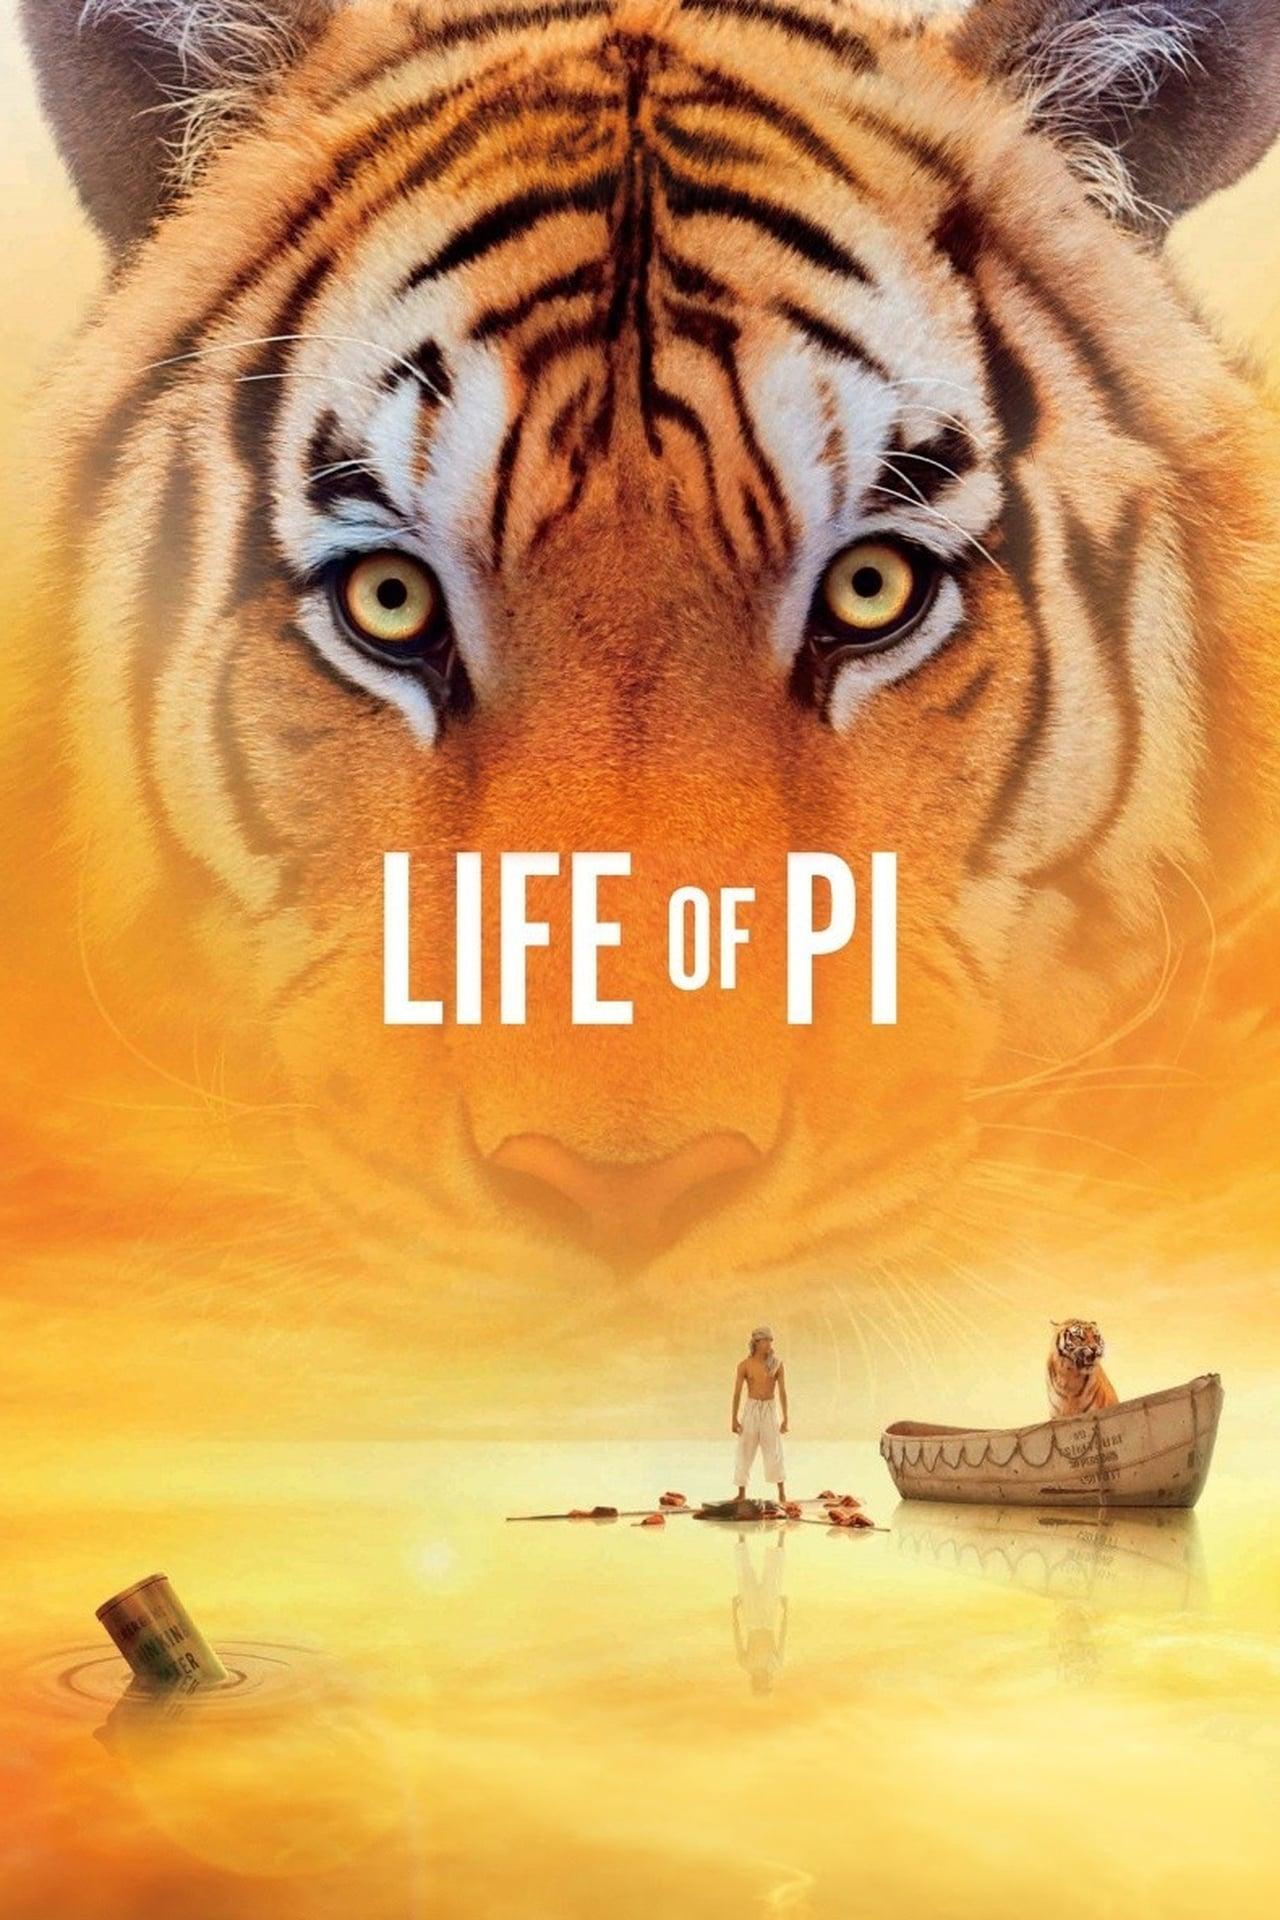 Life of Pi by Ang Lee